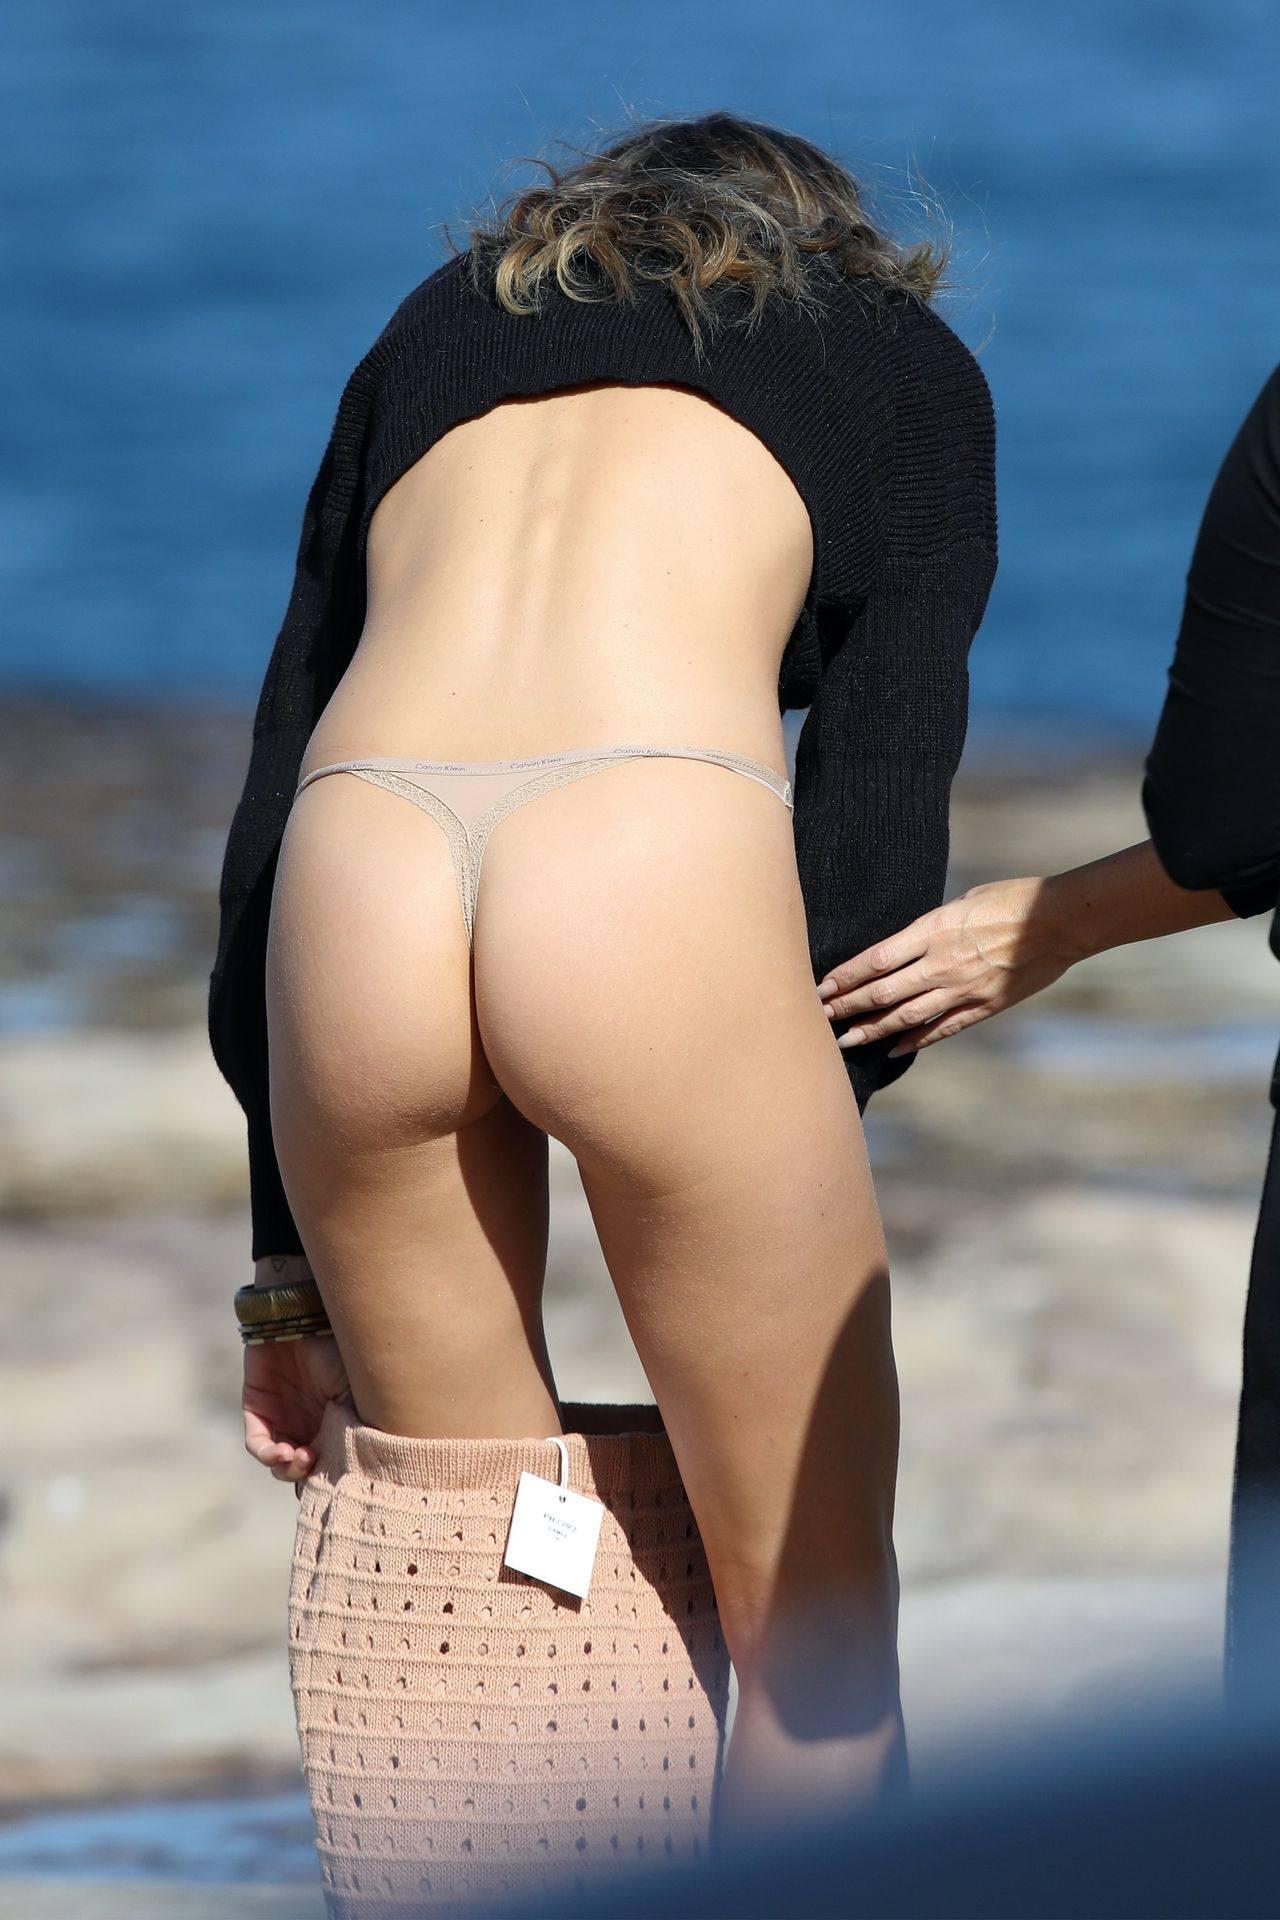 Stephanie Claire Smith Sexy In Underwear